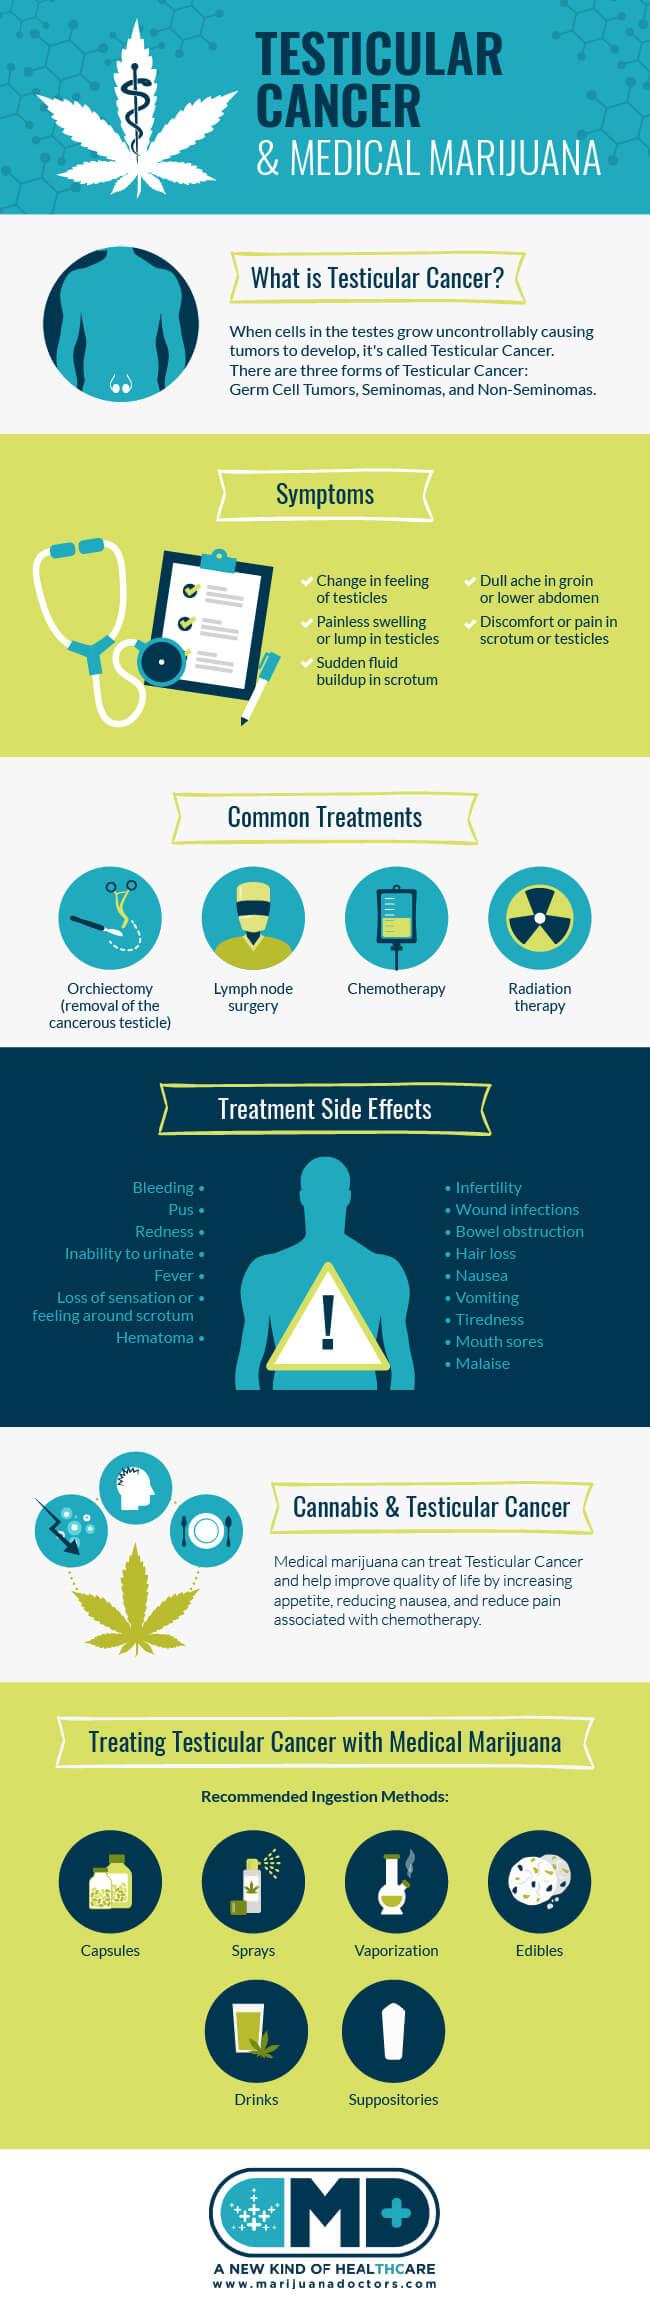 Medical Marijuana and Testicular Cancer